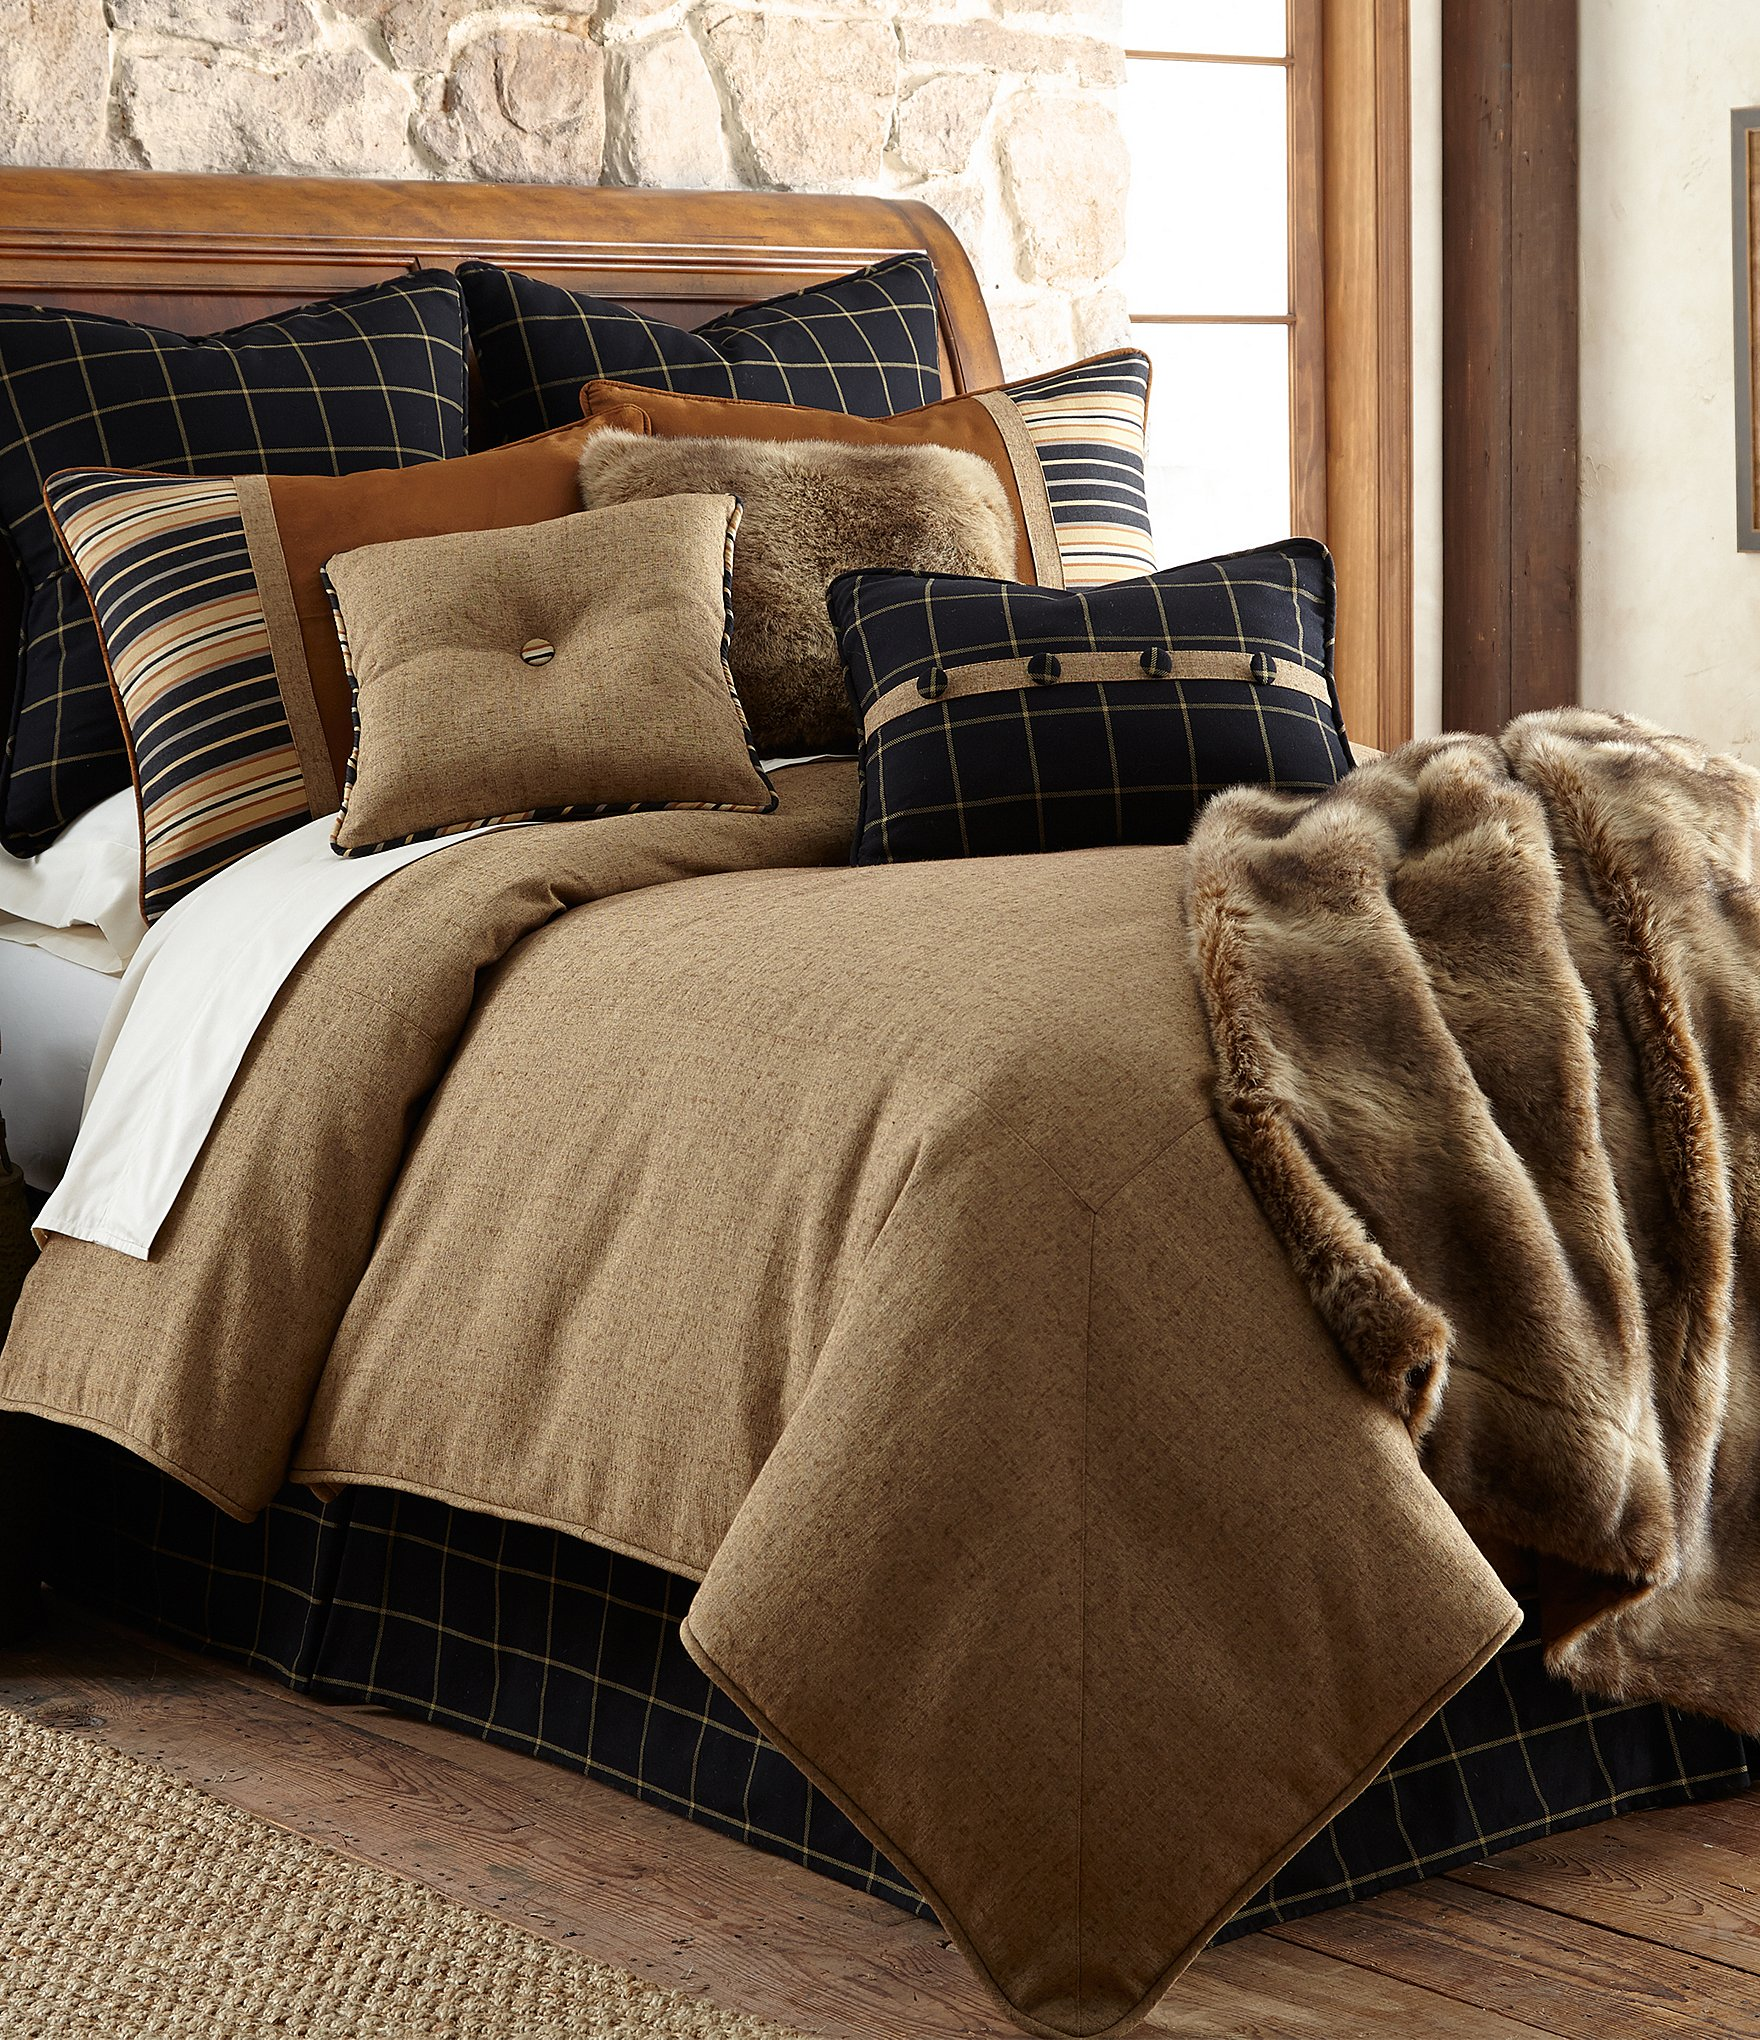 Hiend Accents Ashbury Comforter Set Dillard S